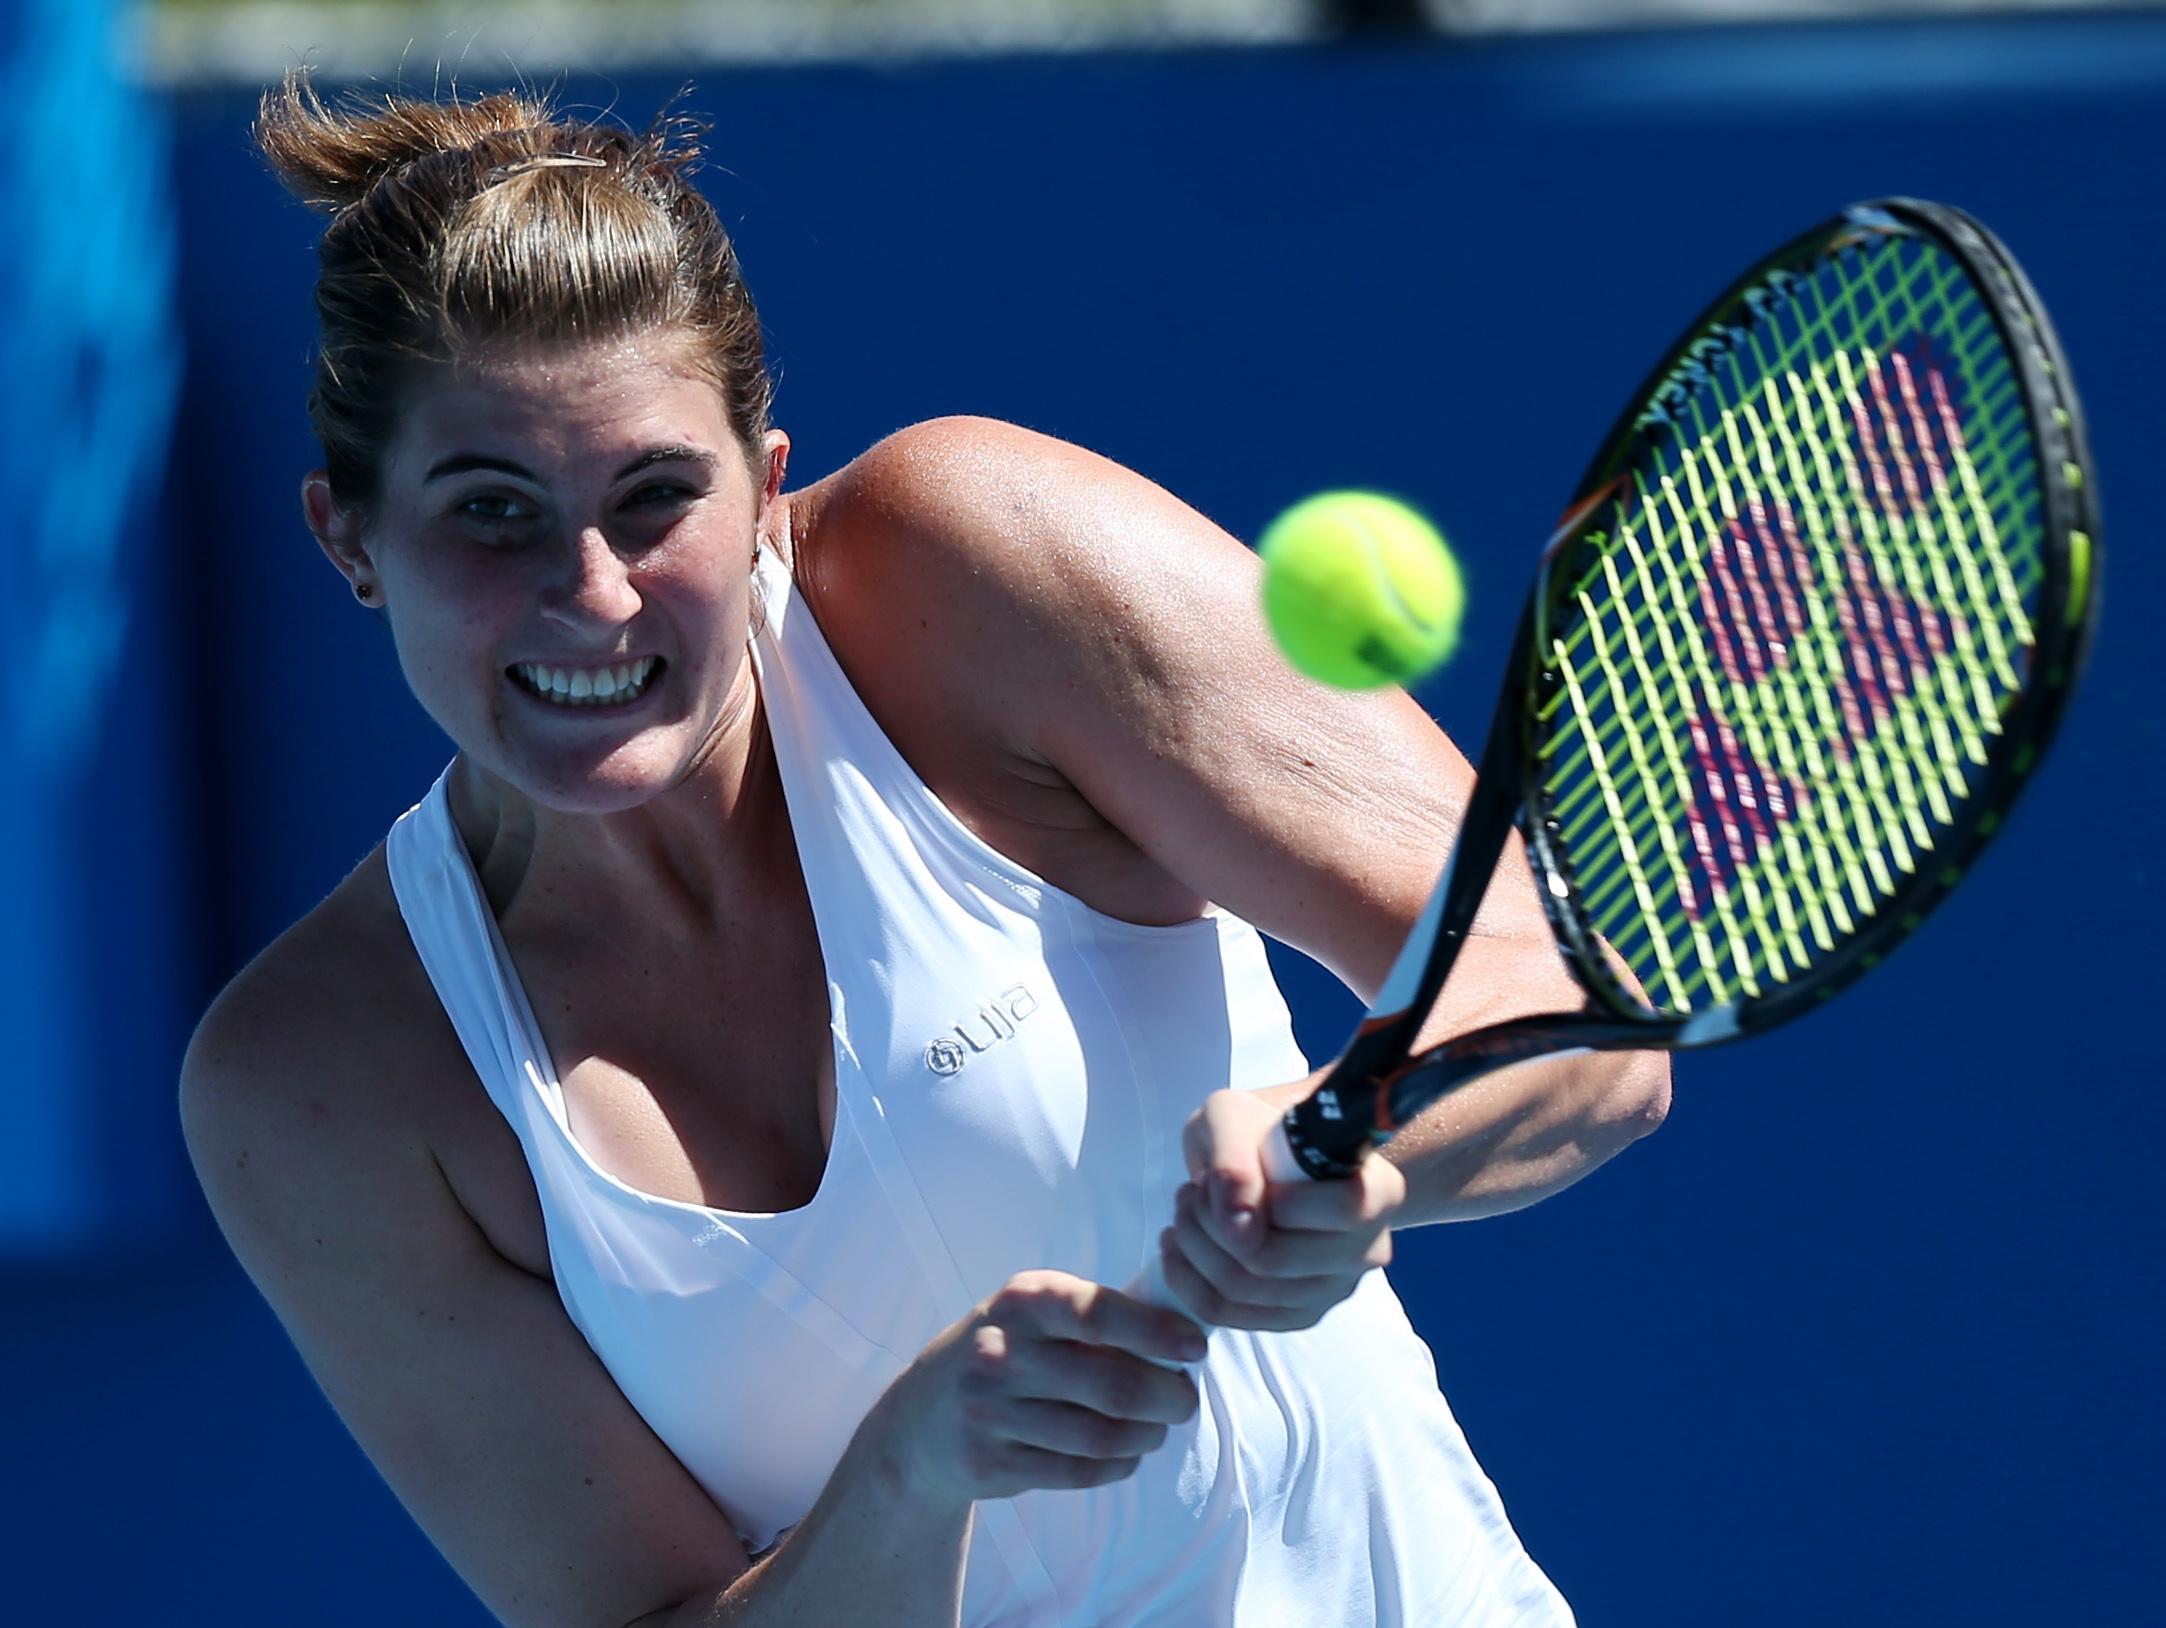 התפרקות והרכבה: סיפור הקאמבק של רבקה מרינו מדיכאון קליני בחזרה לטניס